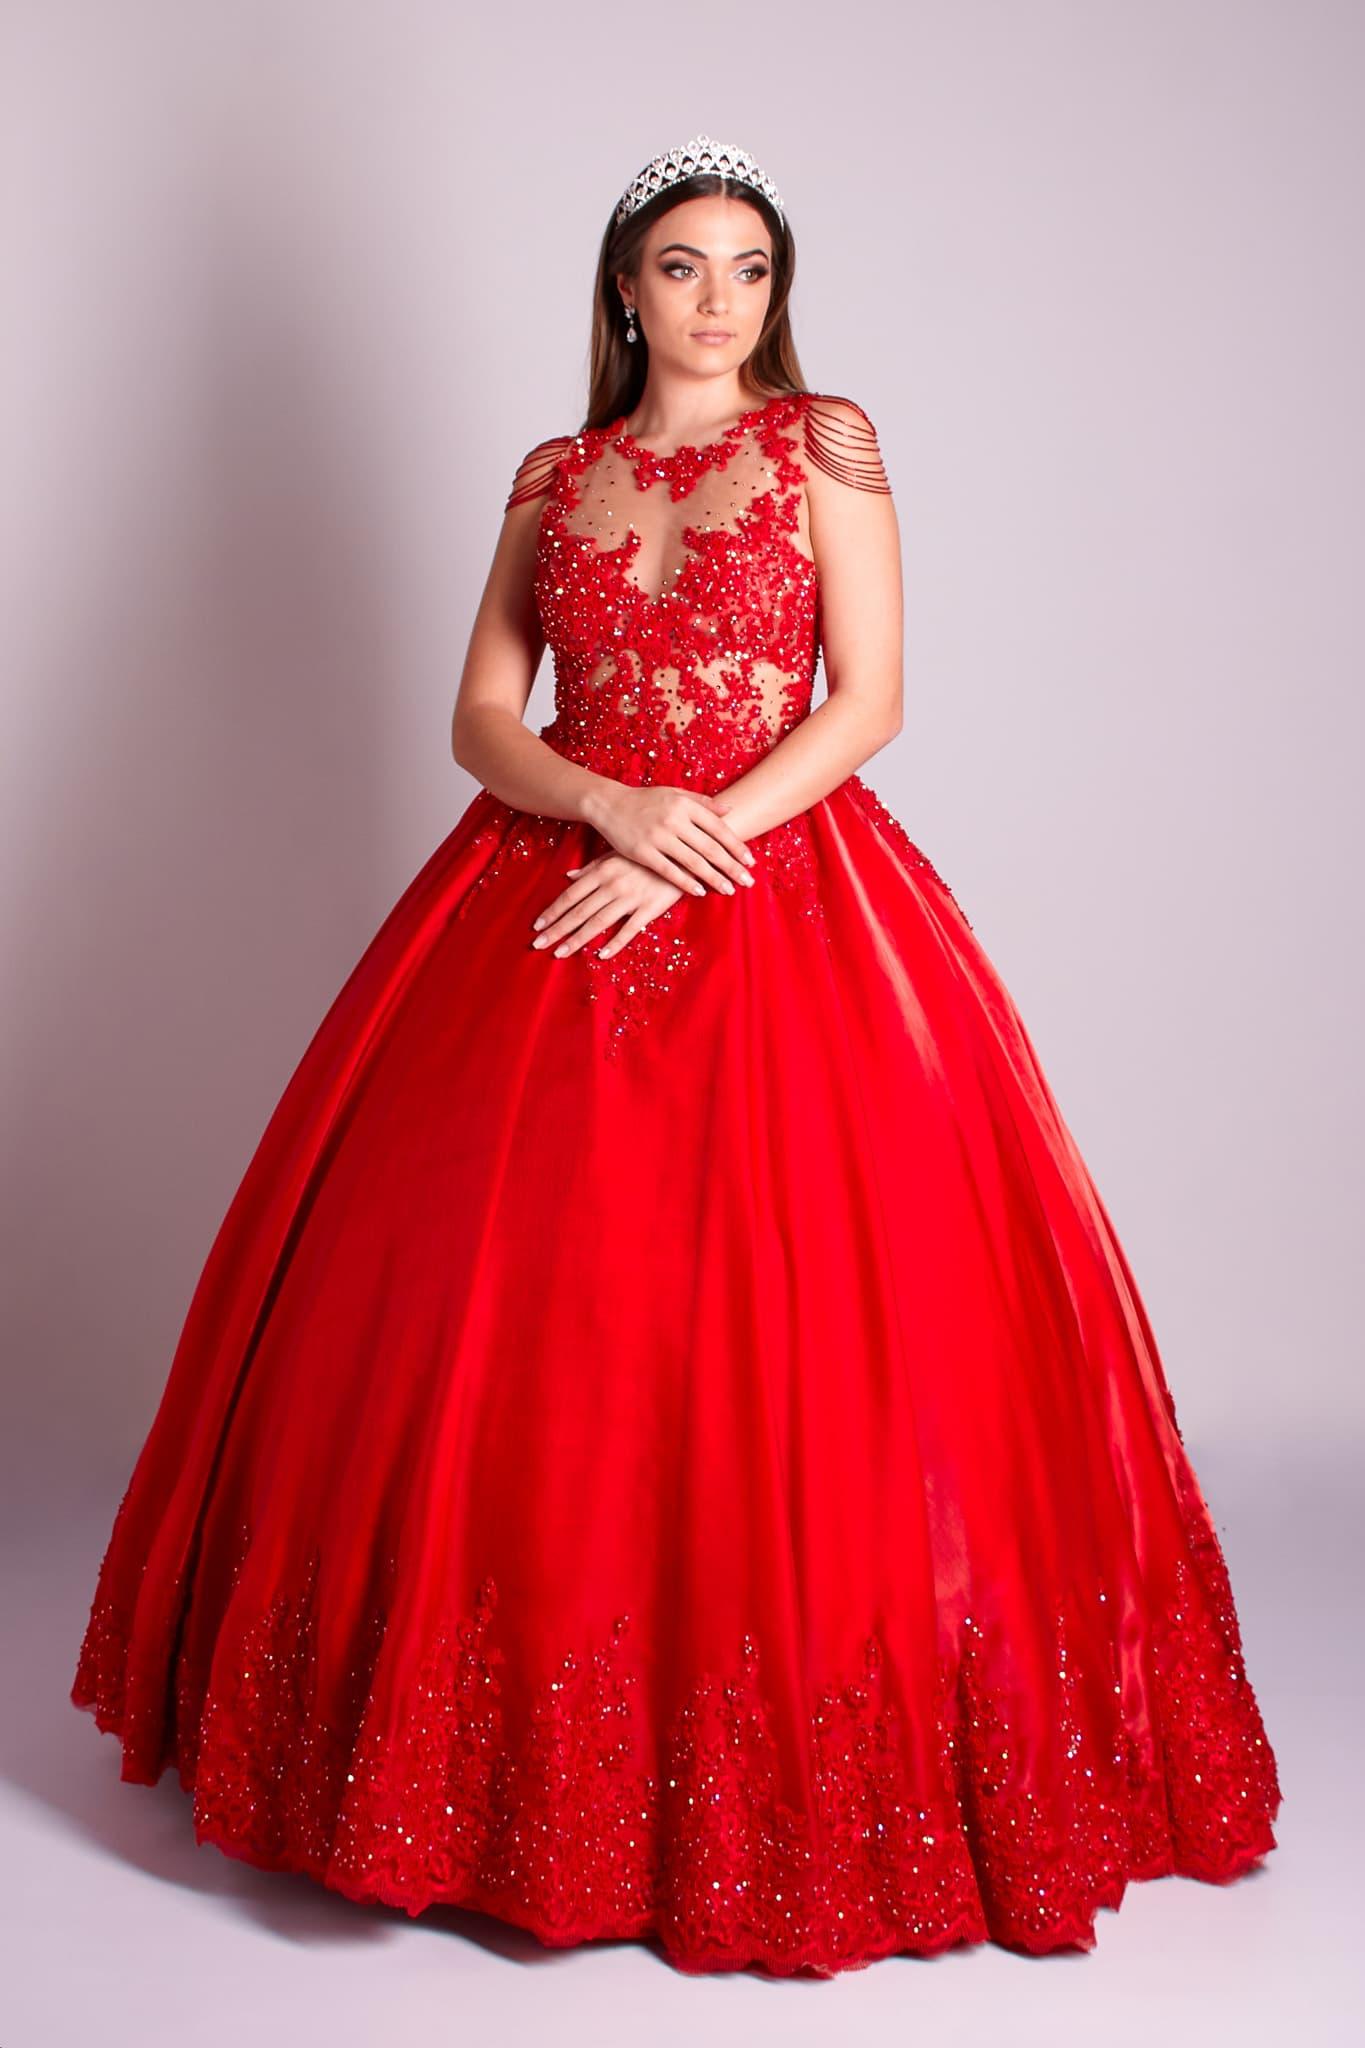 86 - Vestido vermelho de valsa feito em renda com cristais